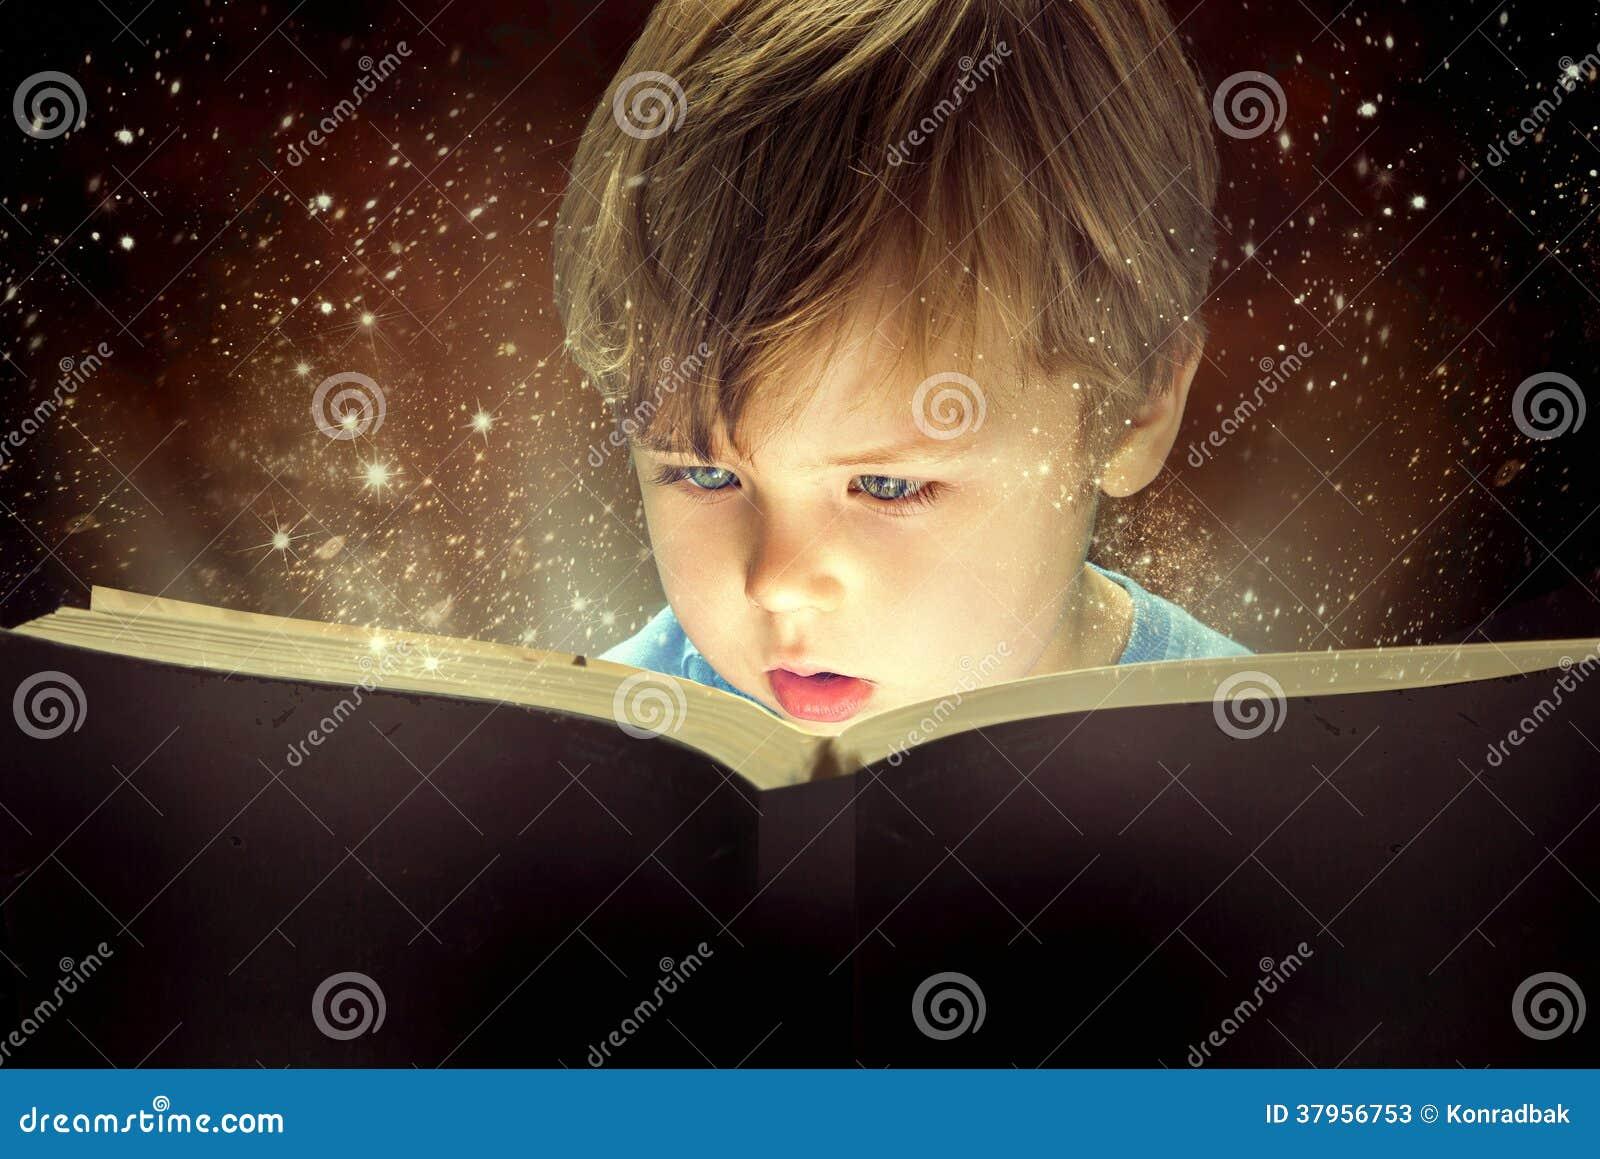 Pys och den magiska boken